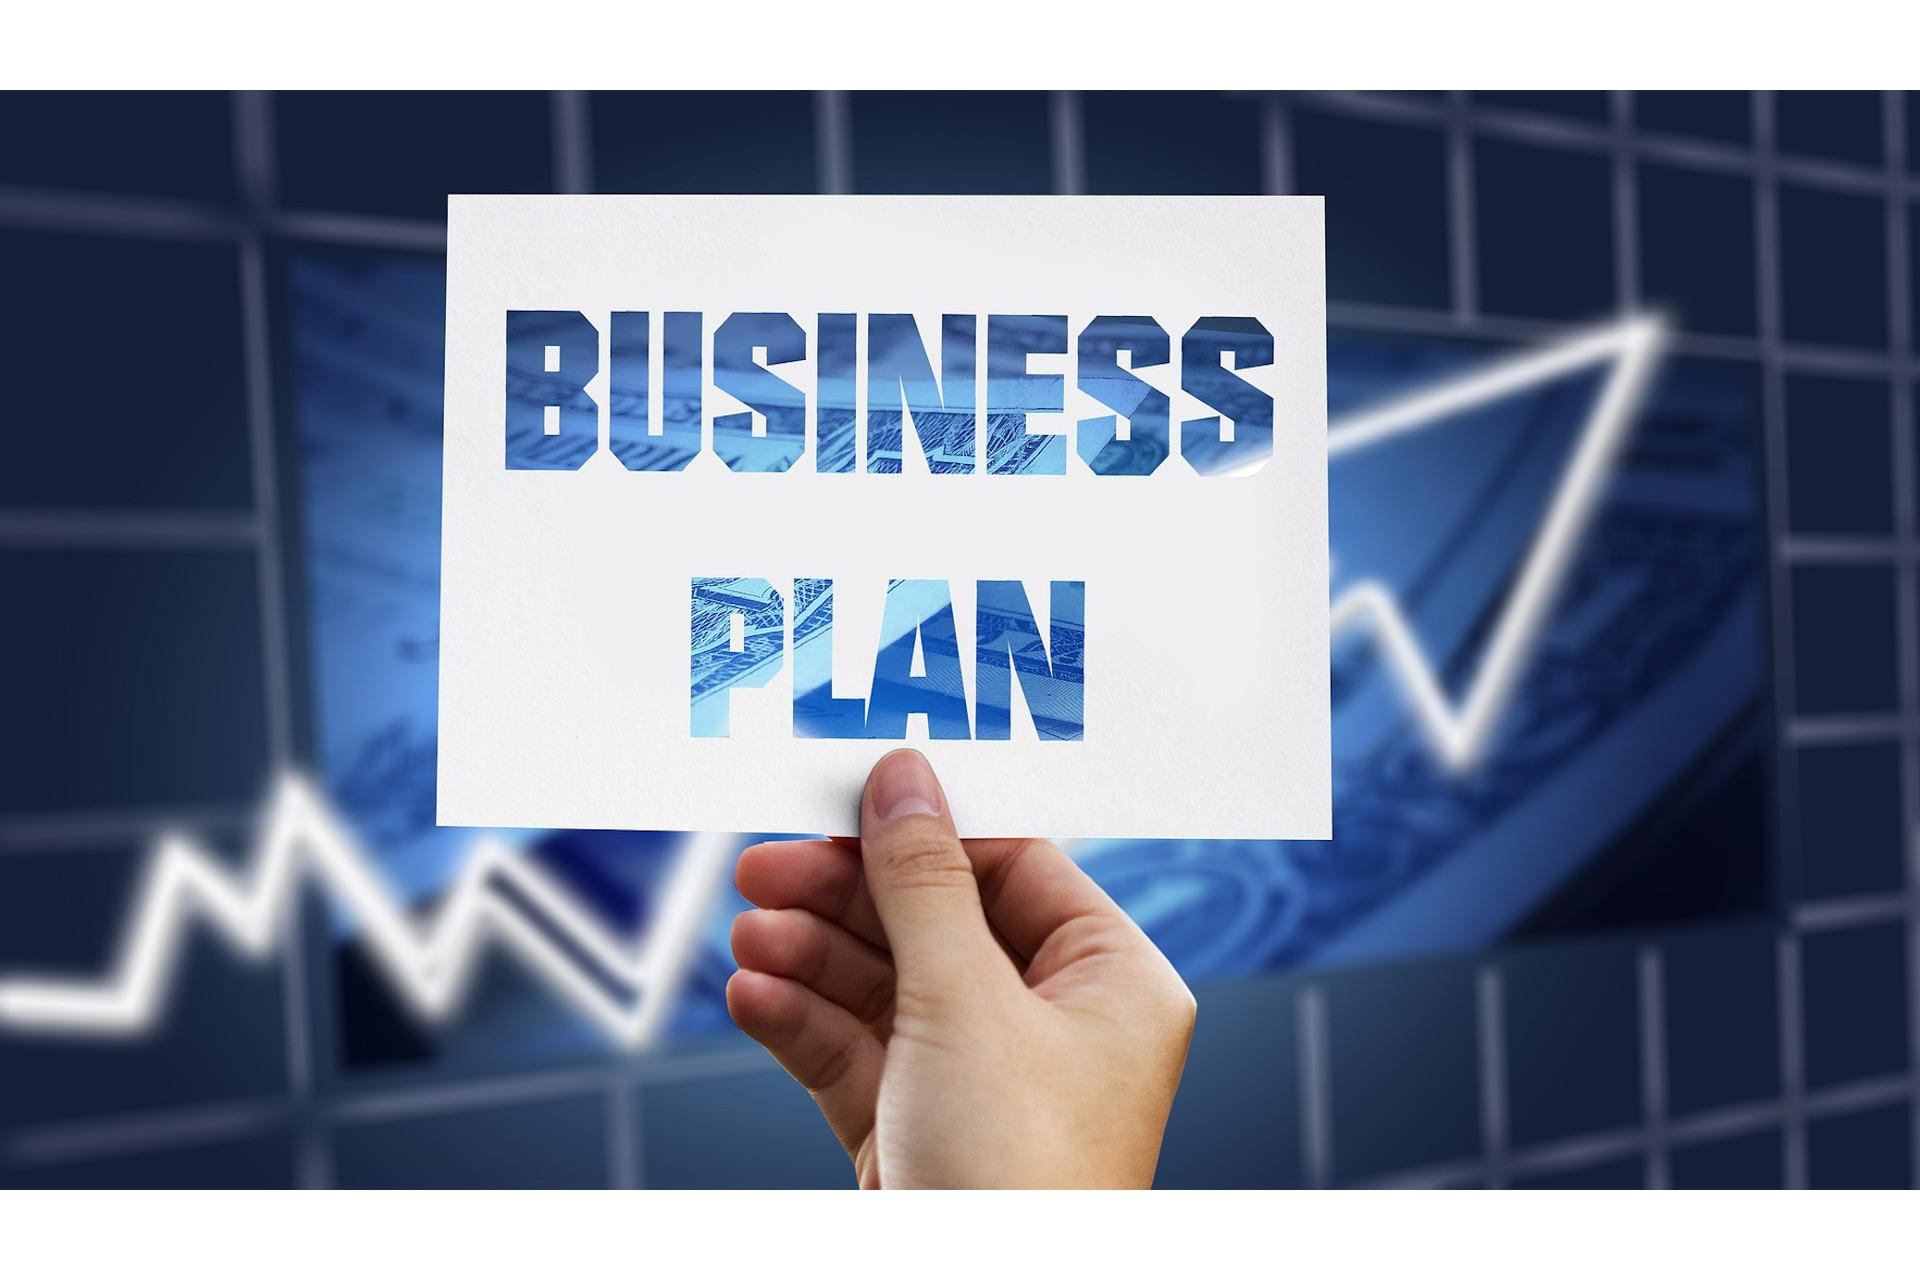 La realizzazione del Business Plan